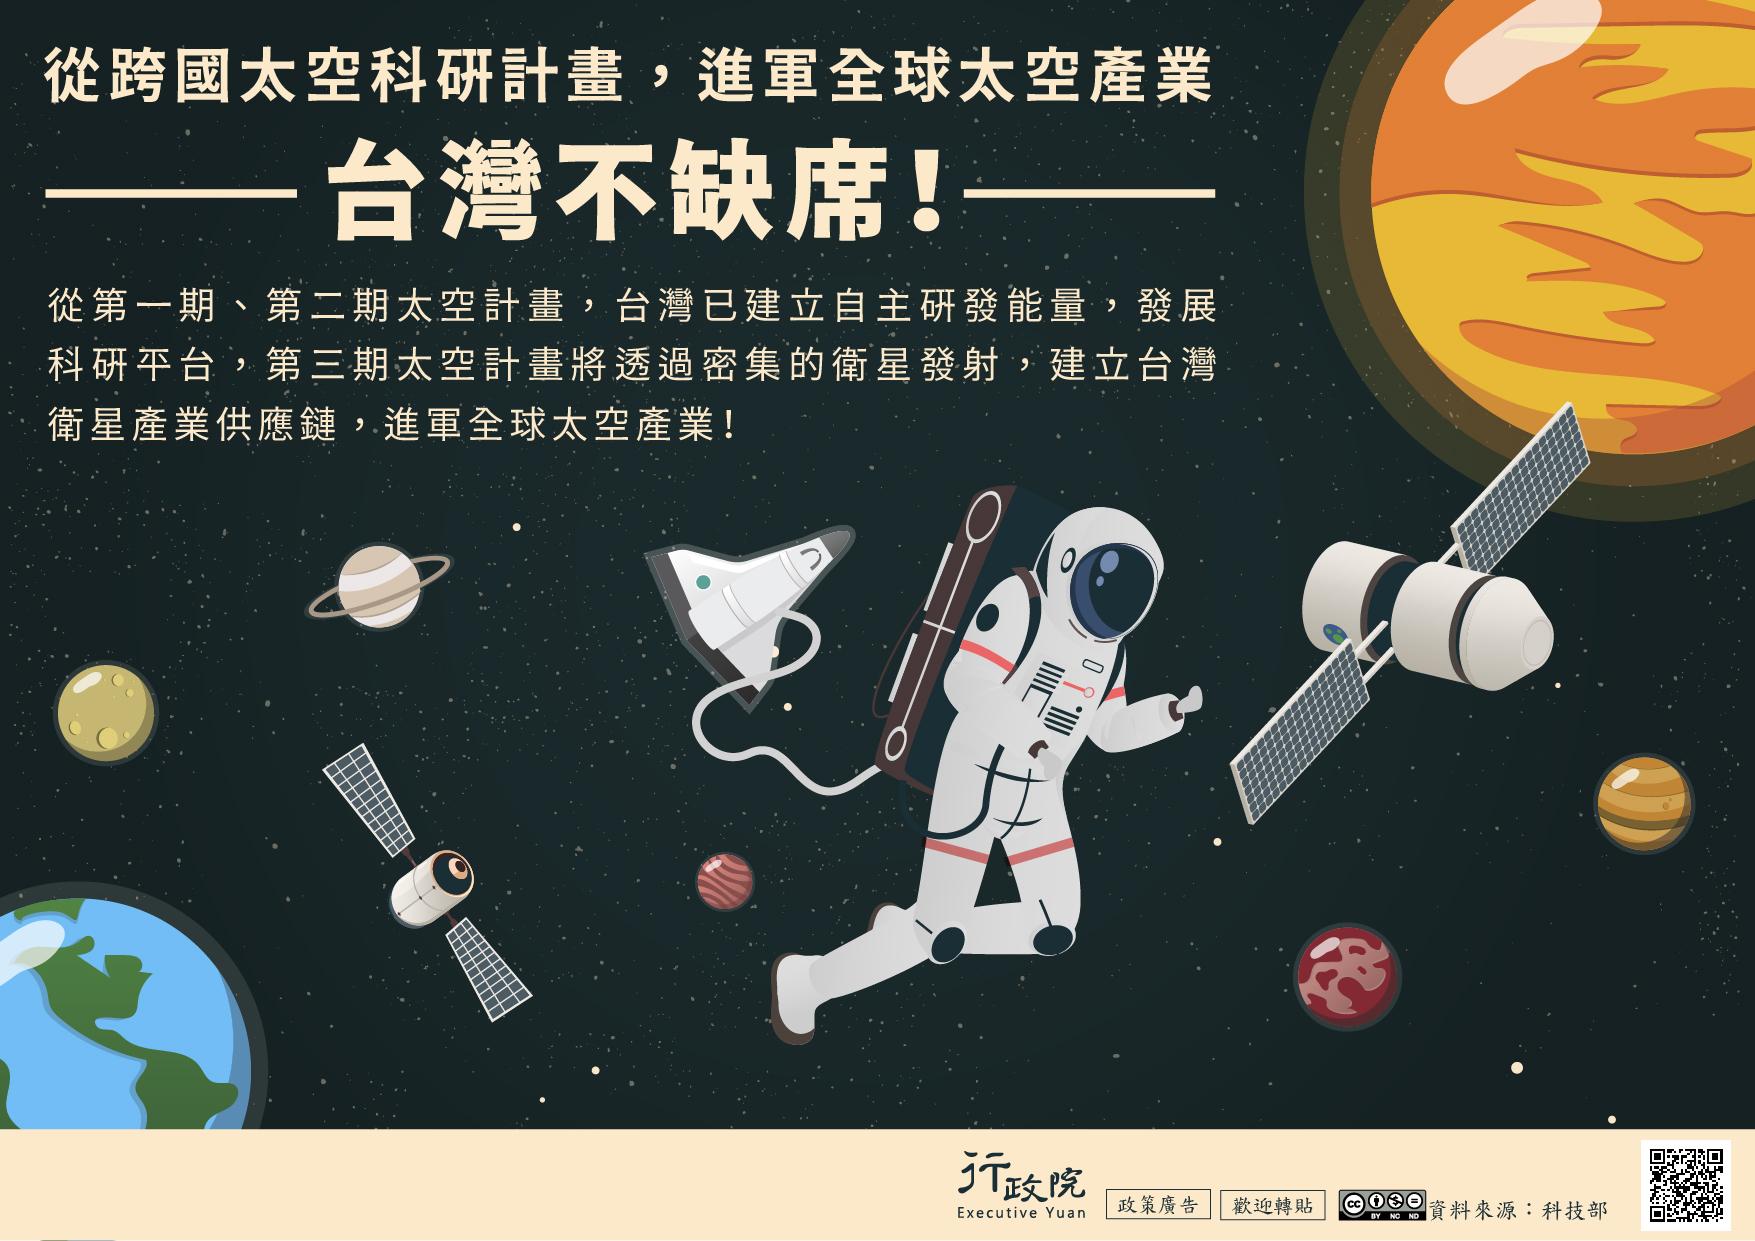 從太空科研計畫 進軍全球太空產業.jpg